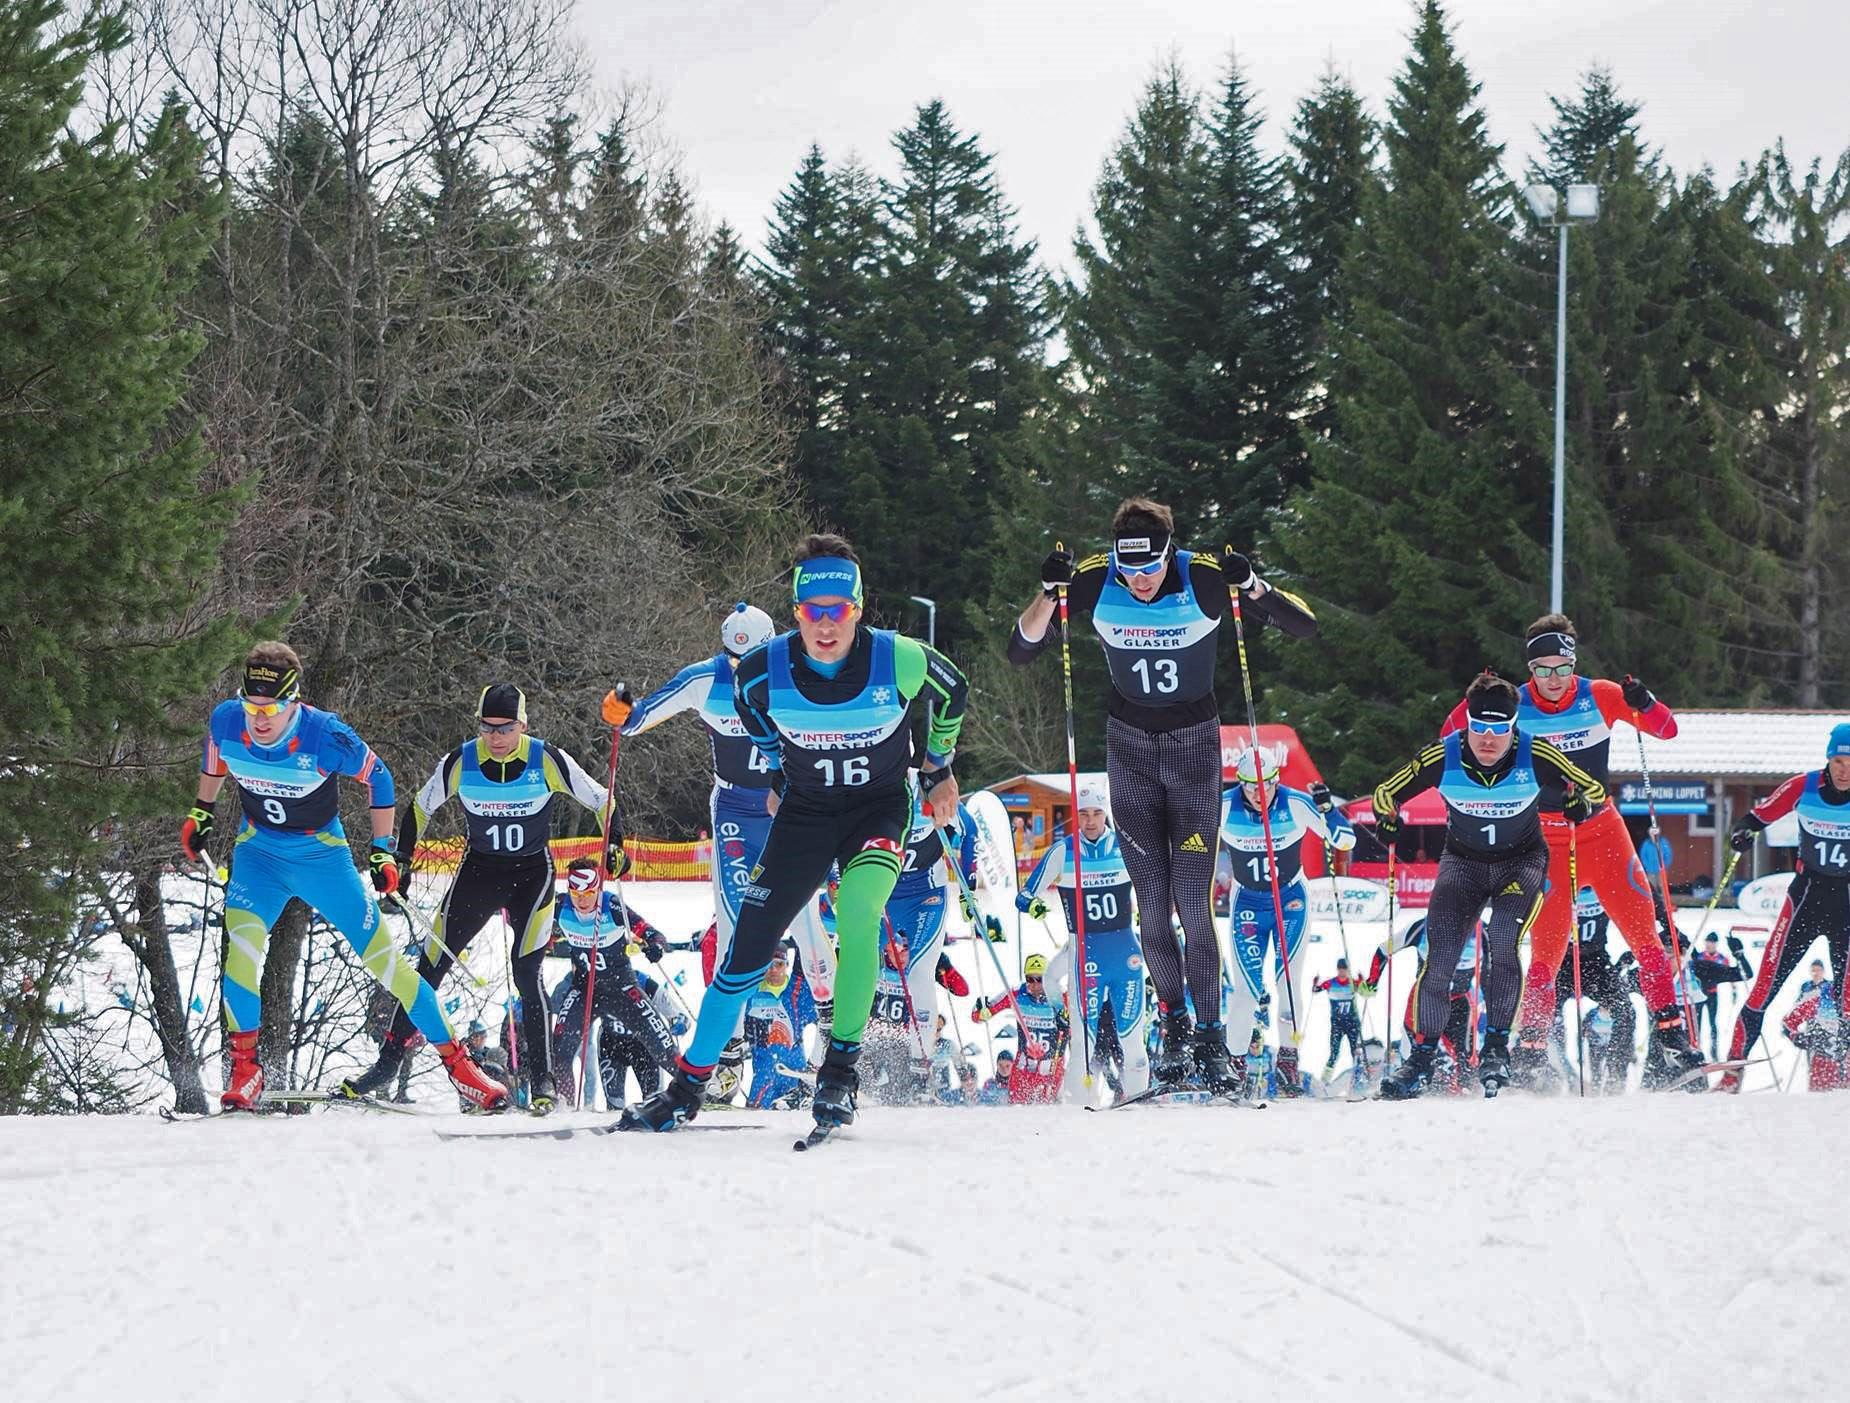 Ski Nordschwarzwald